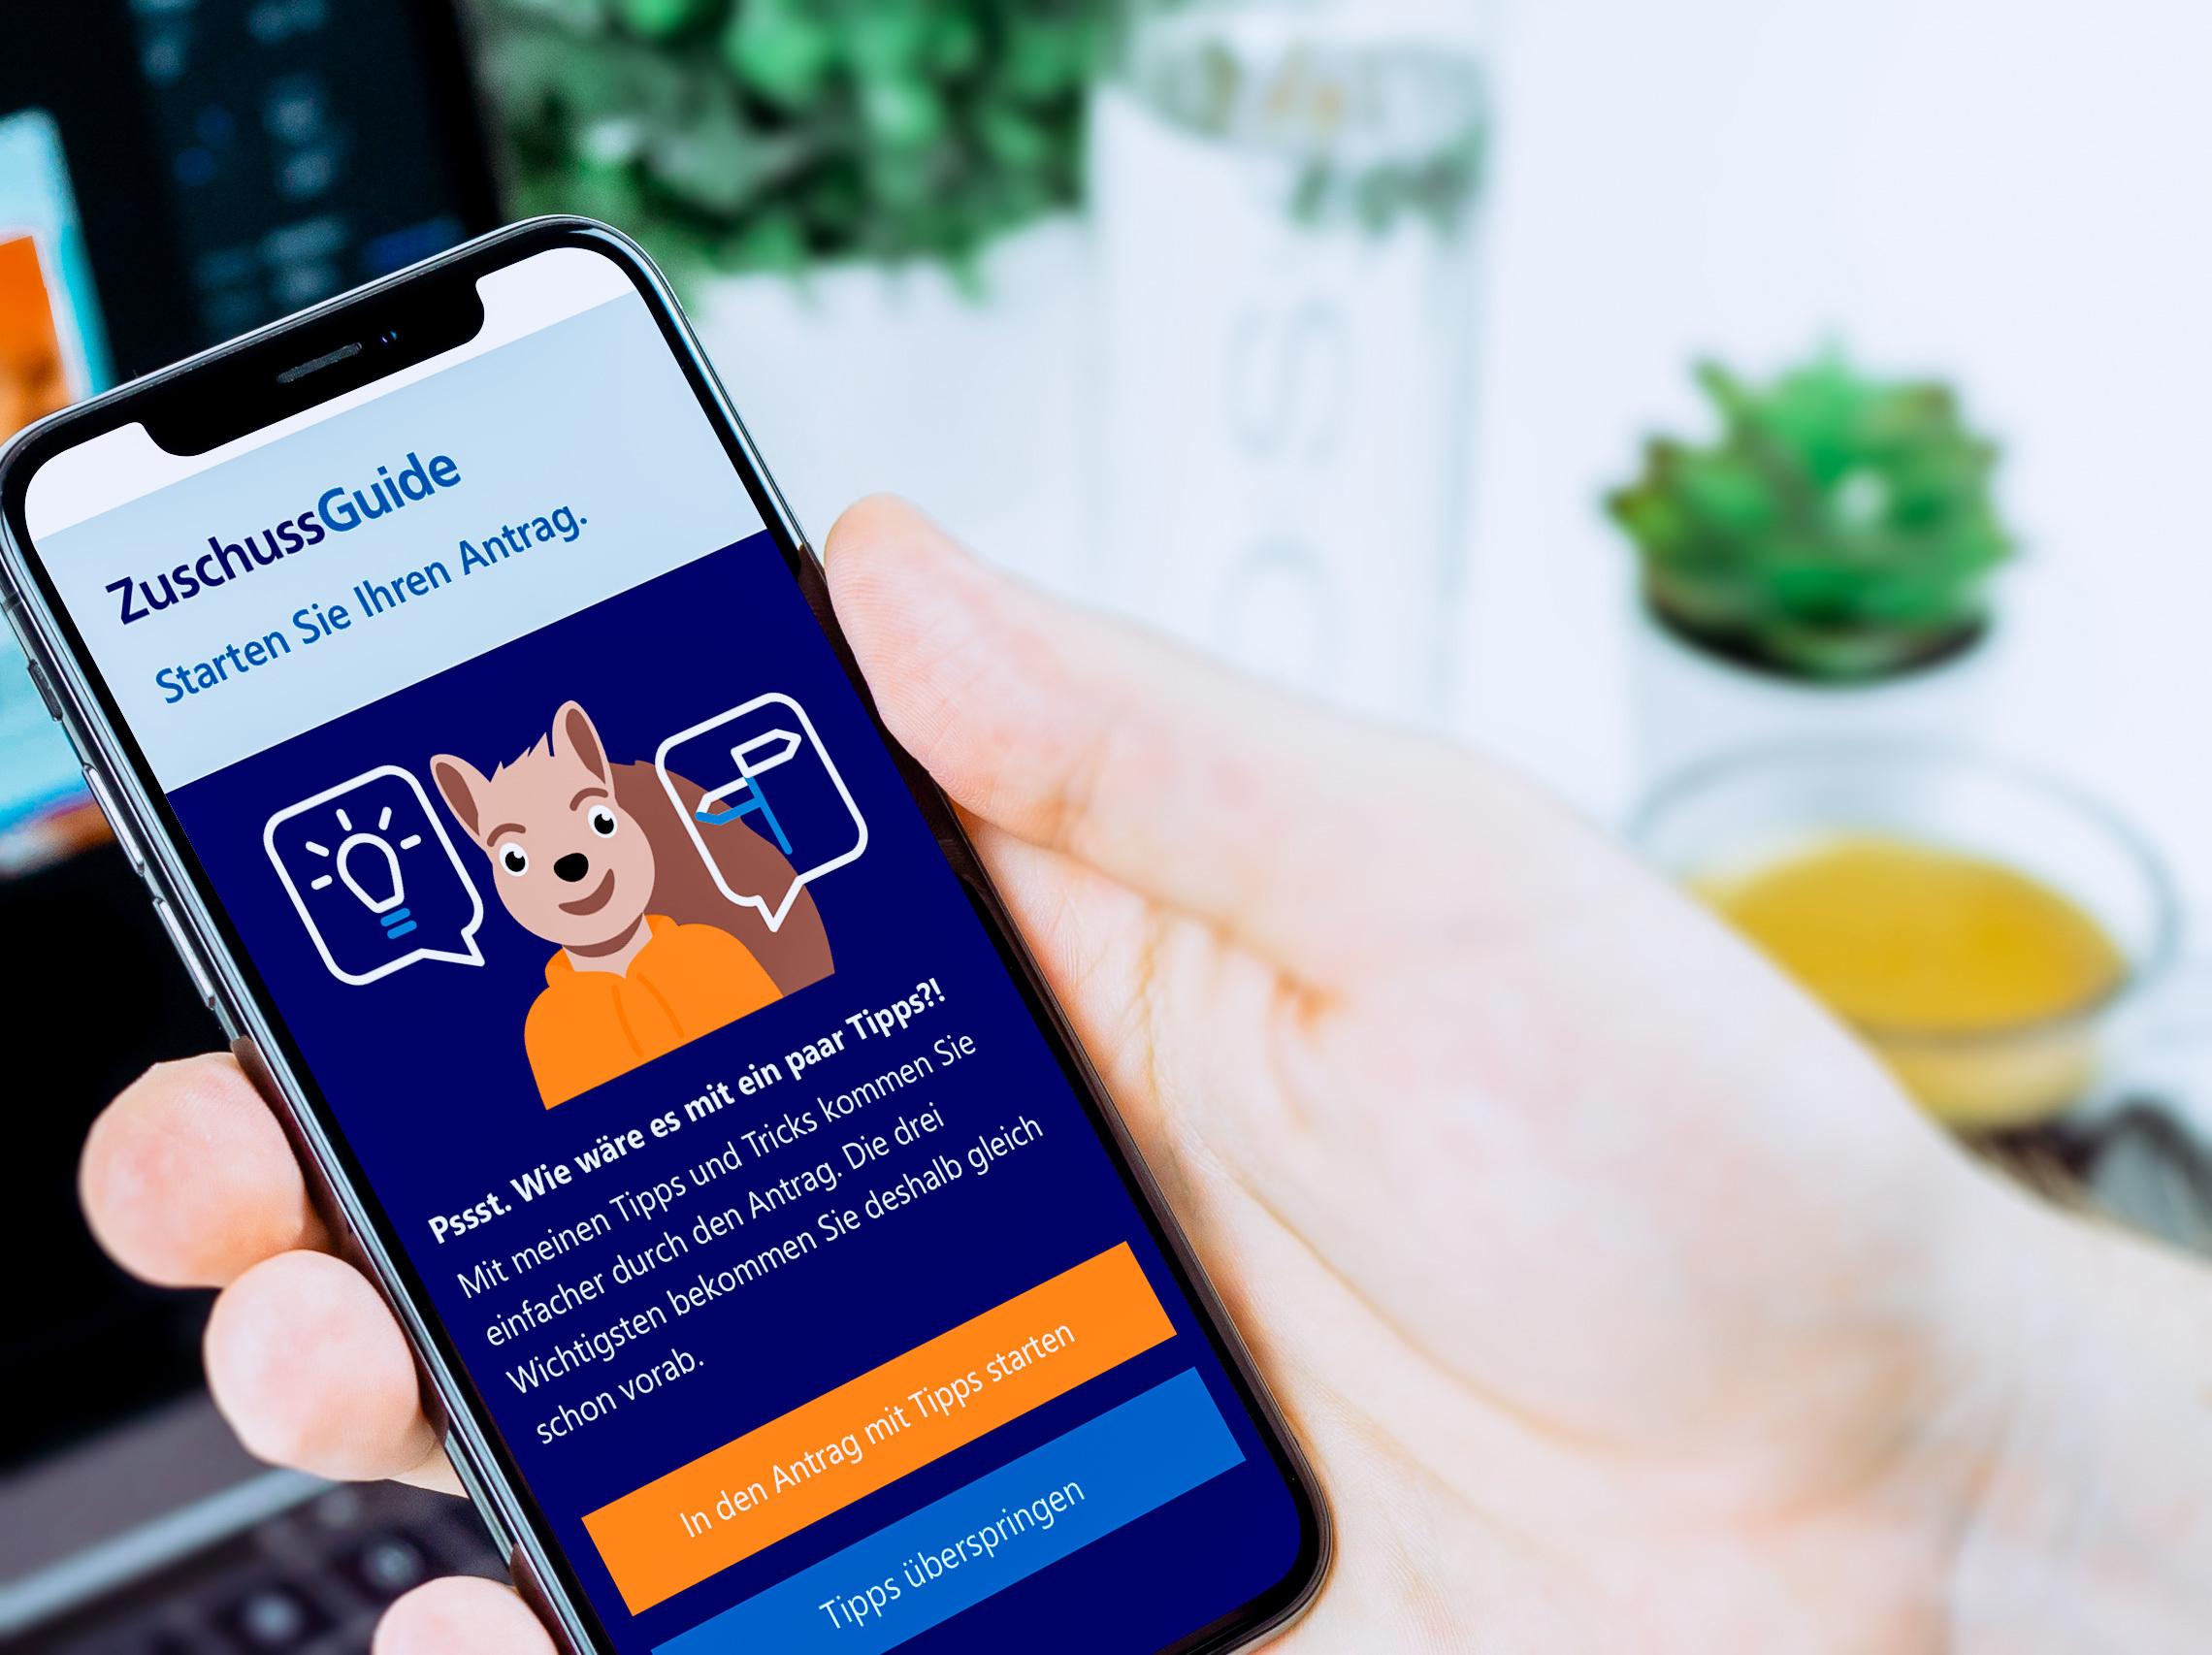 ZuschussGuide-App auf einem Smartphone